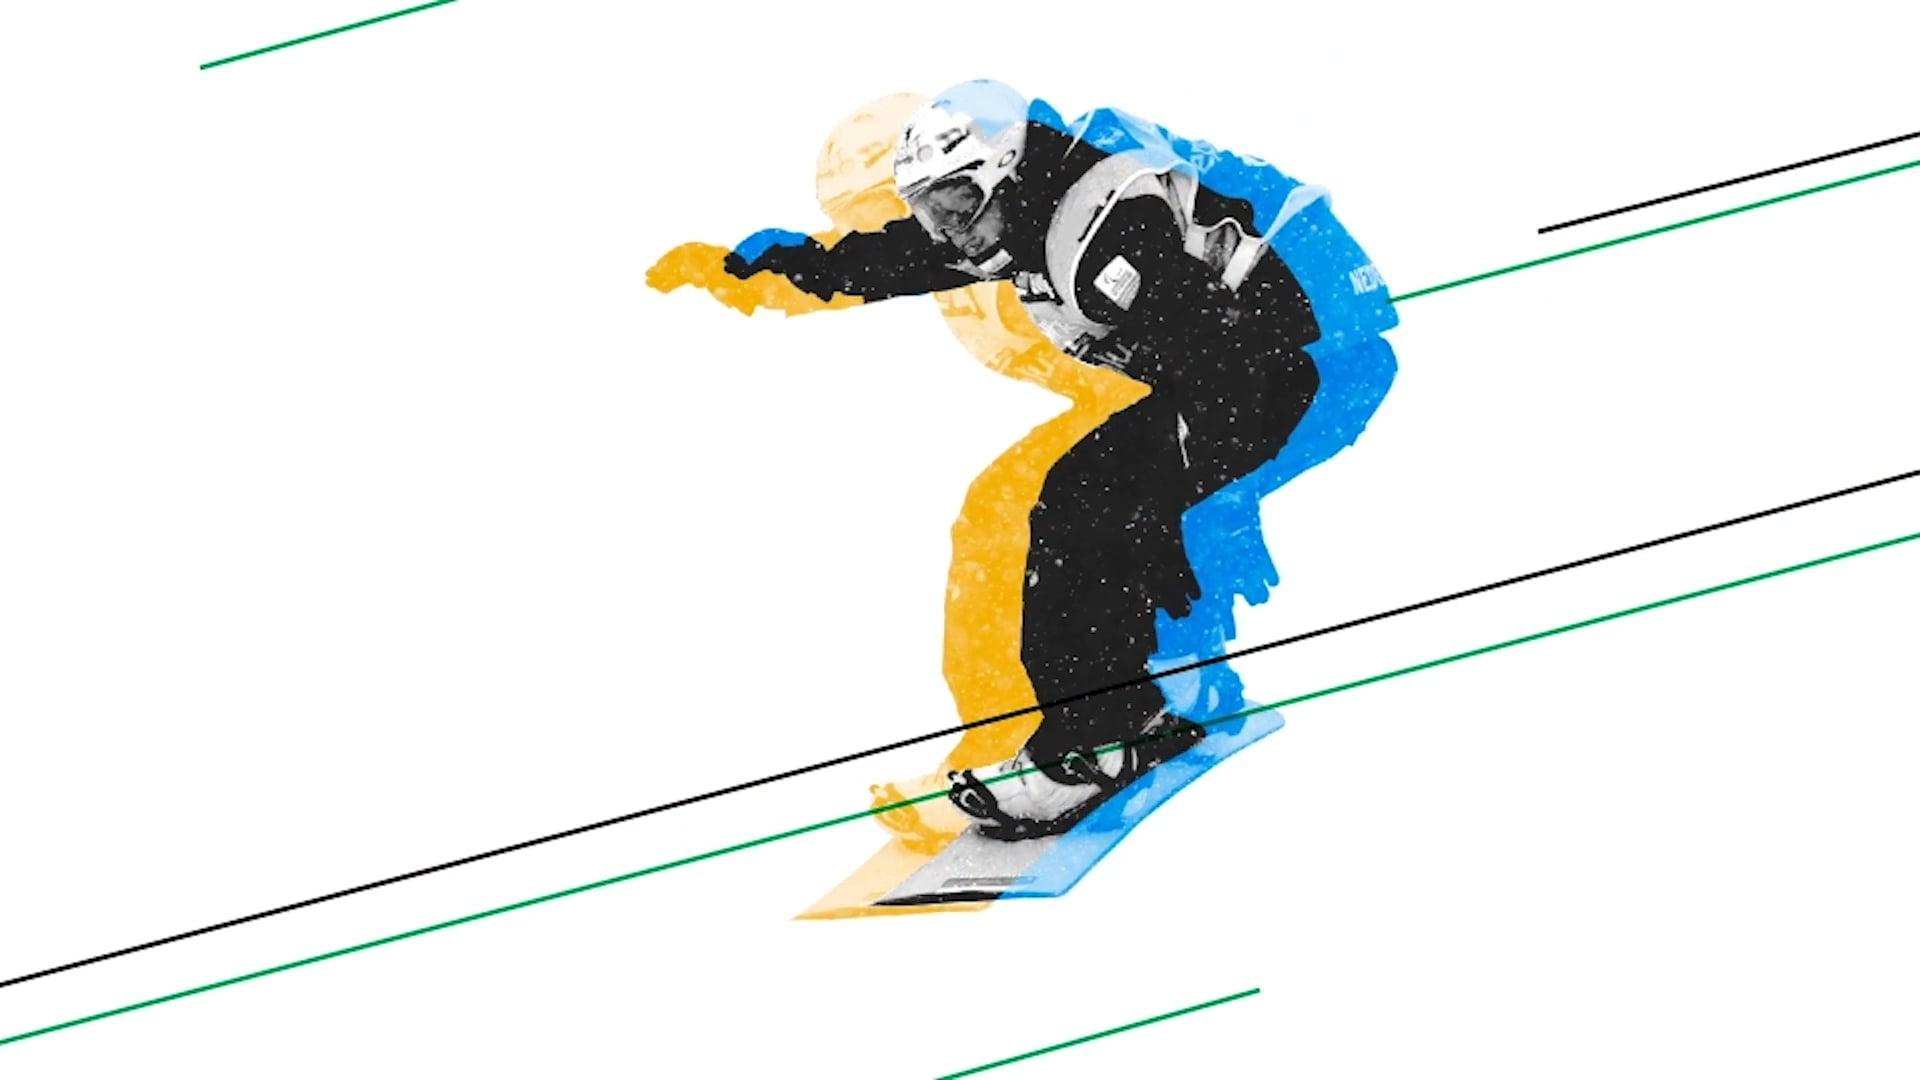 장애인 스노보드는 (Para Snowboard)